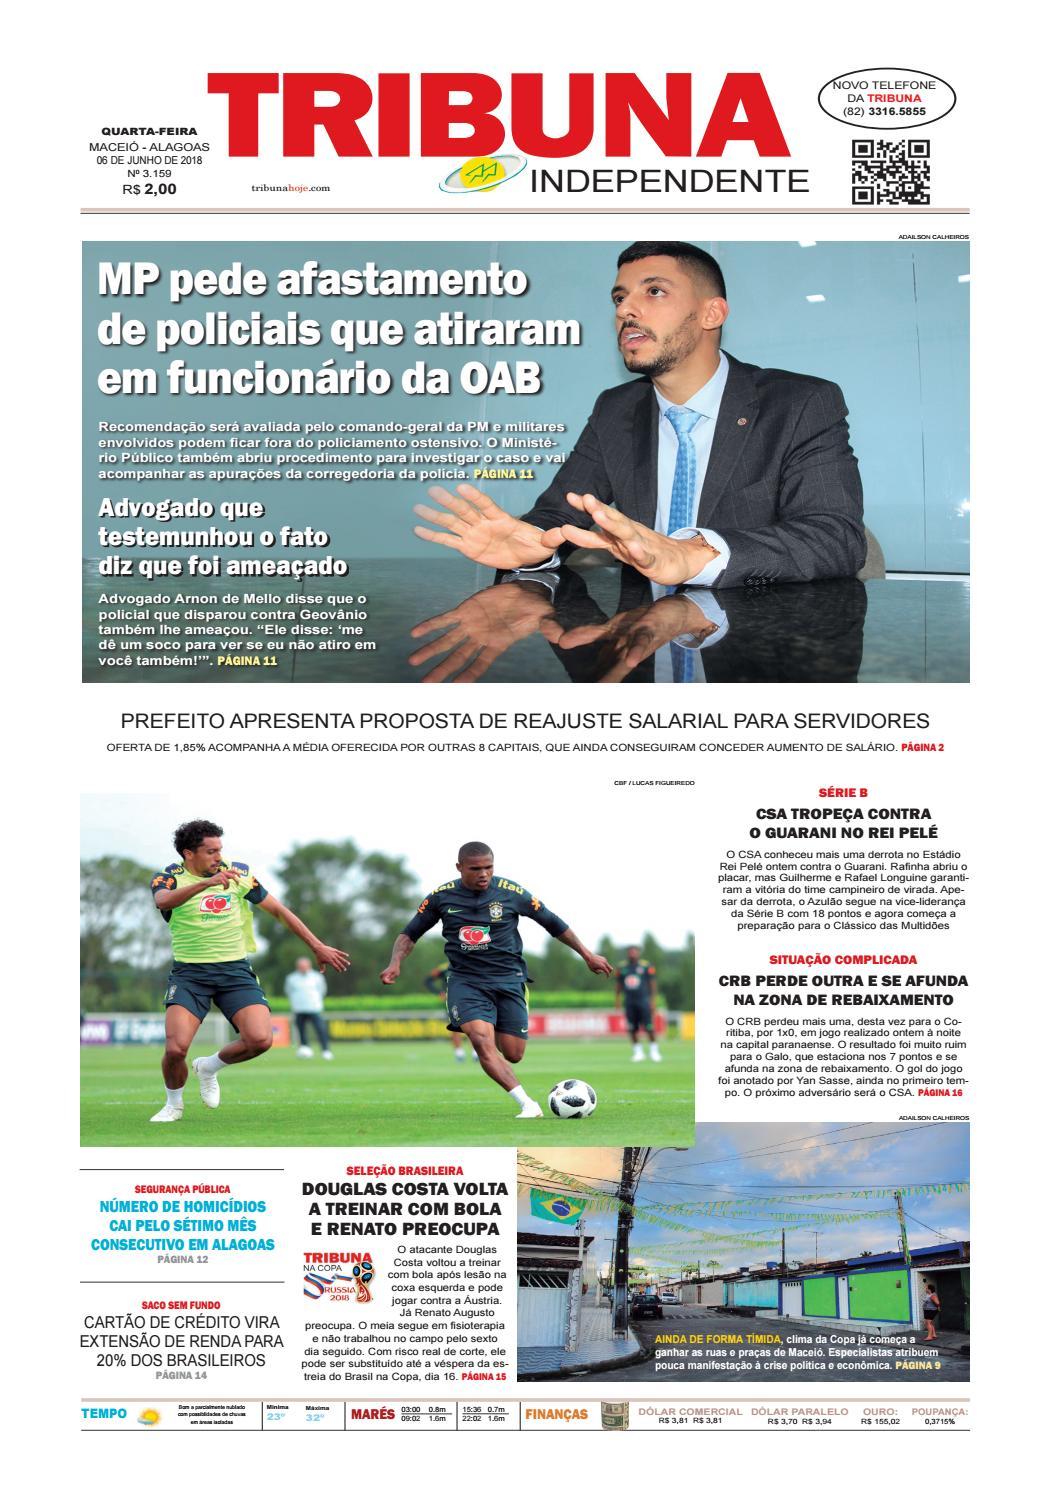 dbc51bff29 Edição número 3159 - 6 de junho de 2018 by Tribuna Hoje - issuu